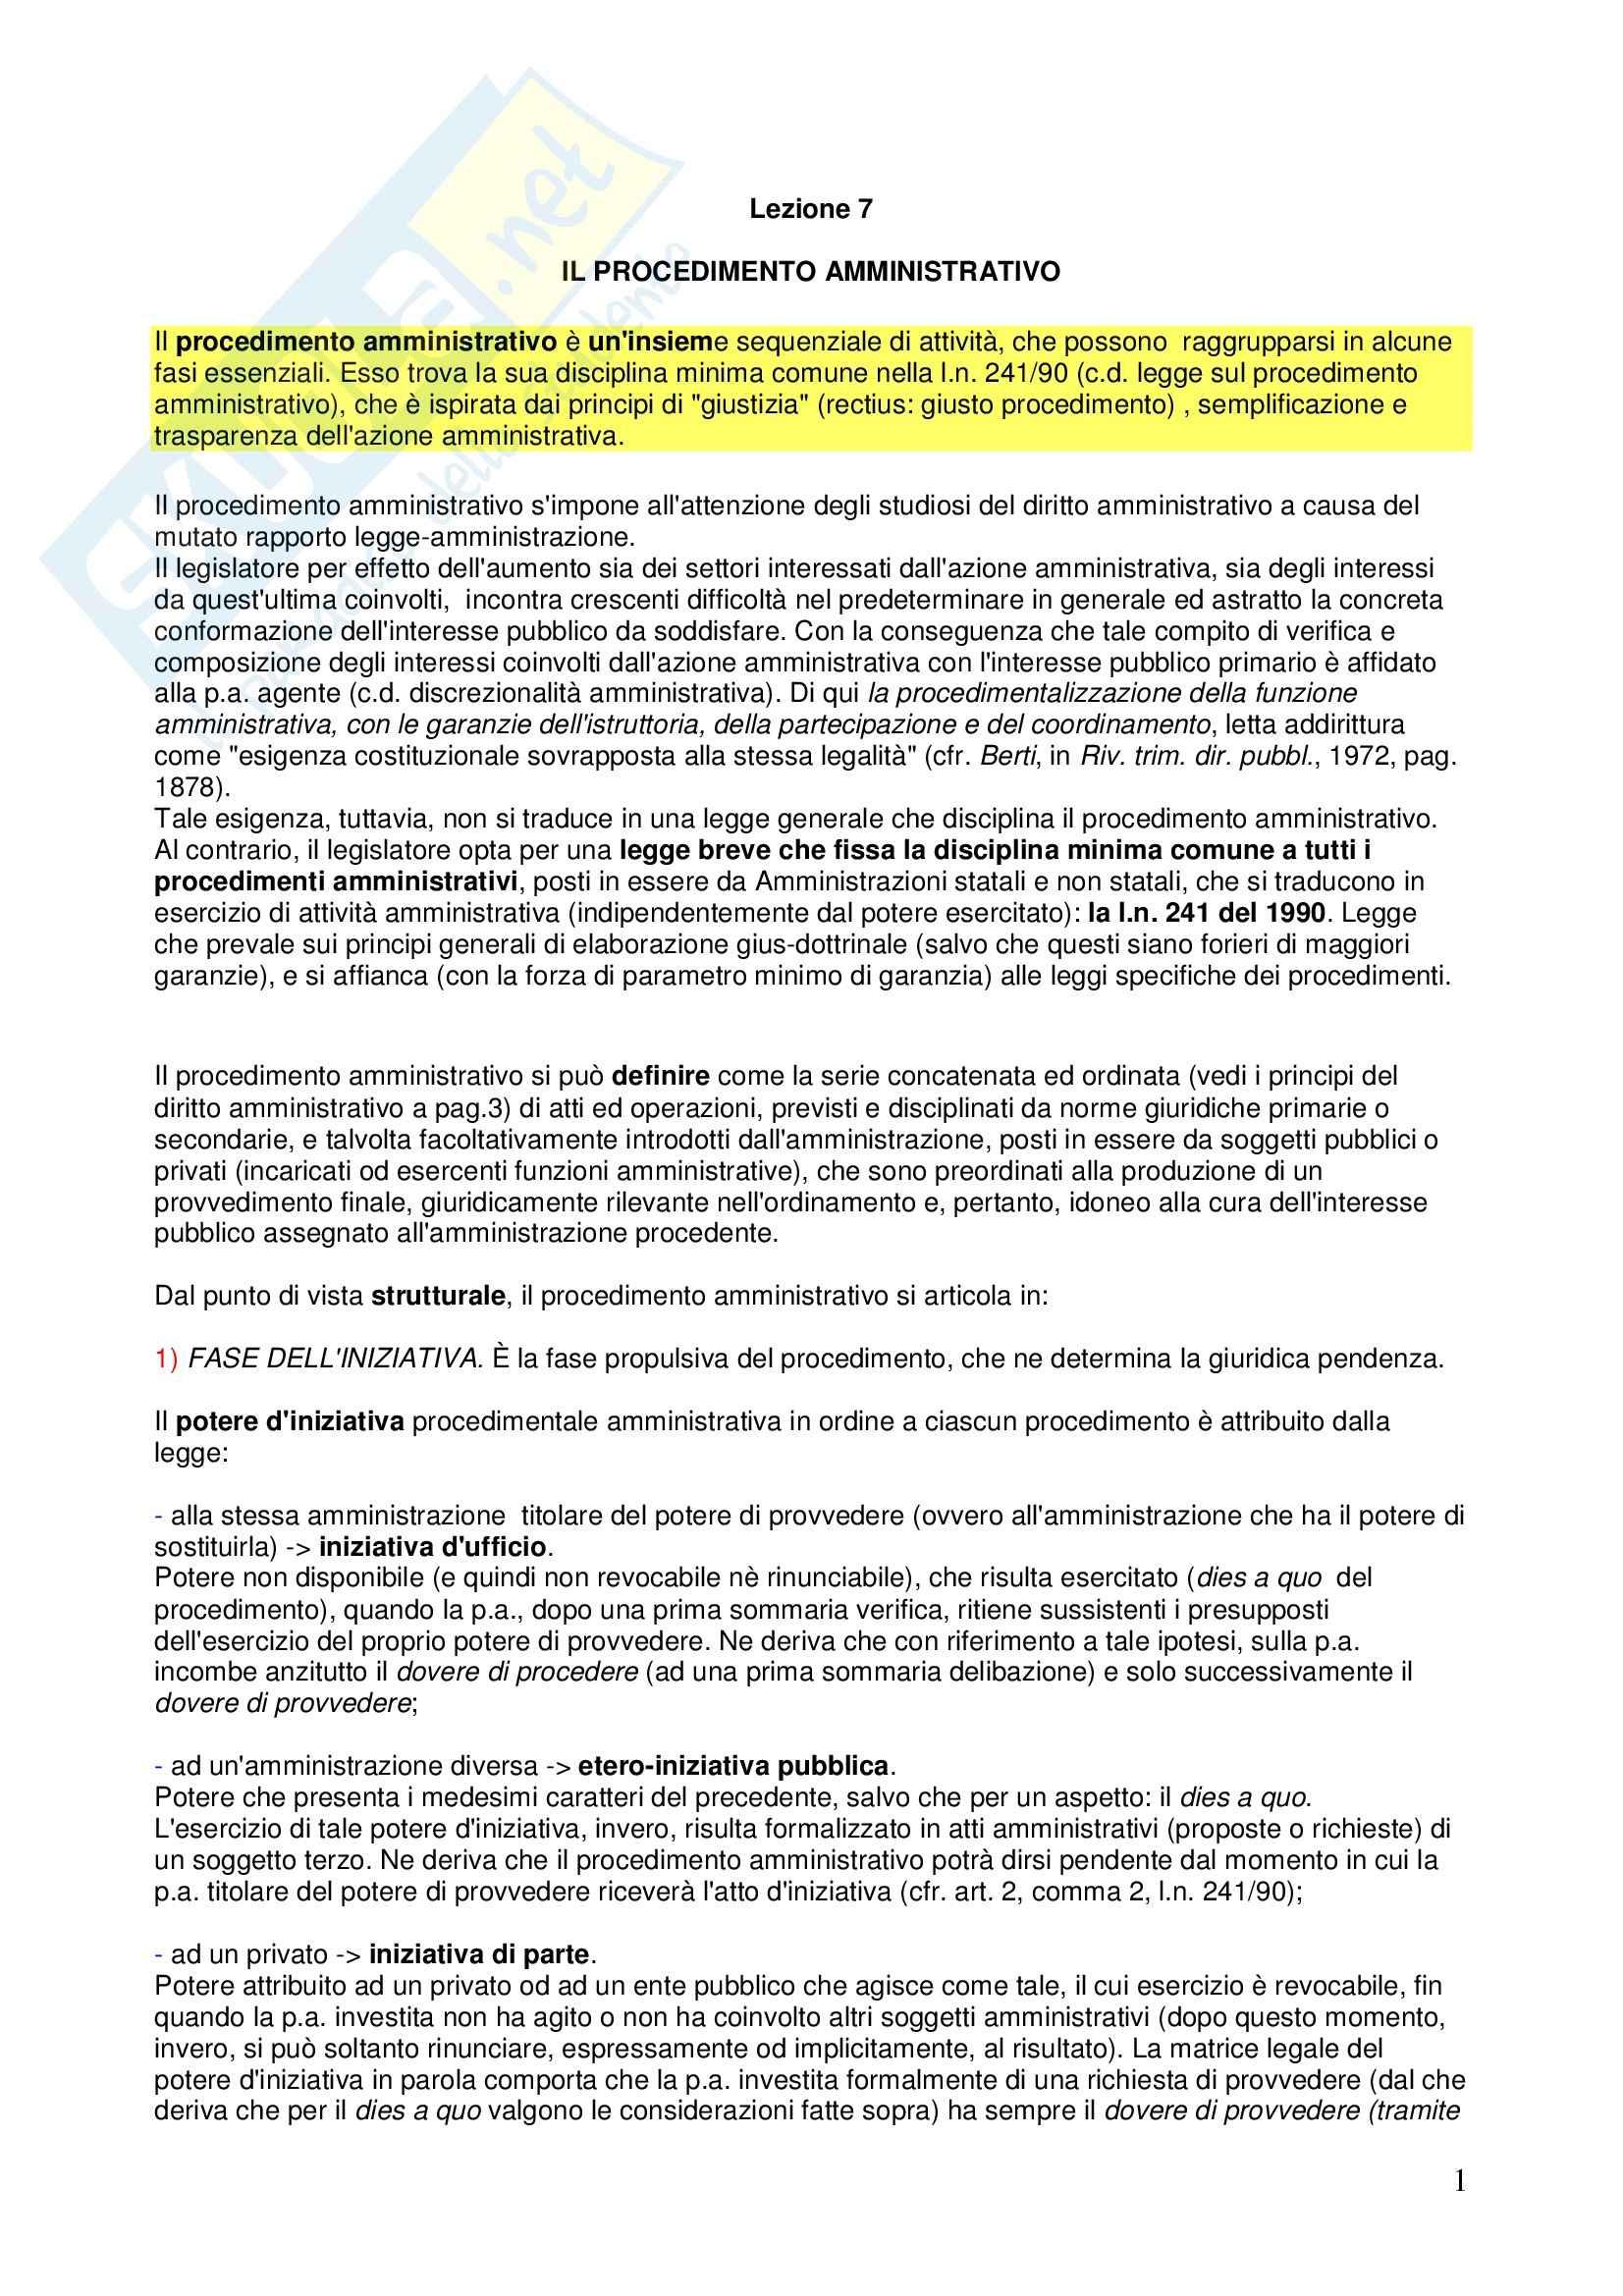 Diritto amministrativo - il procedimento amministrativo